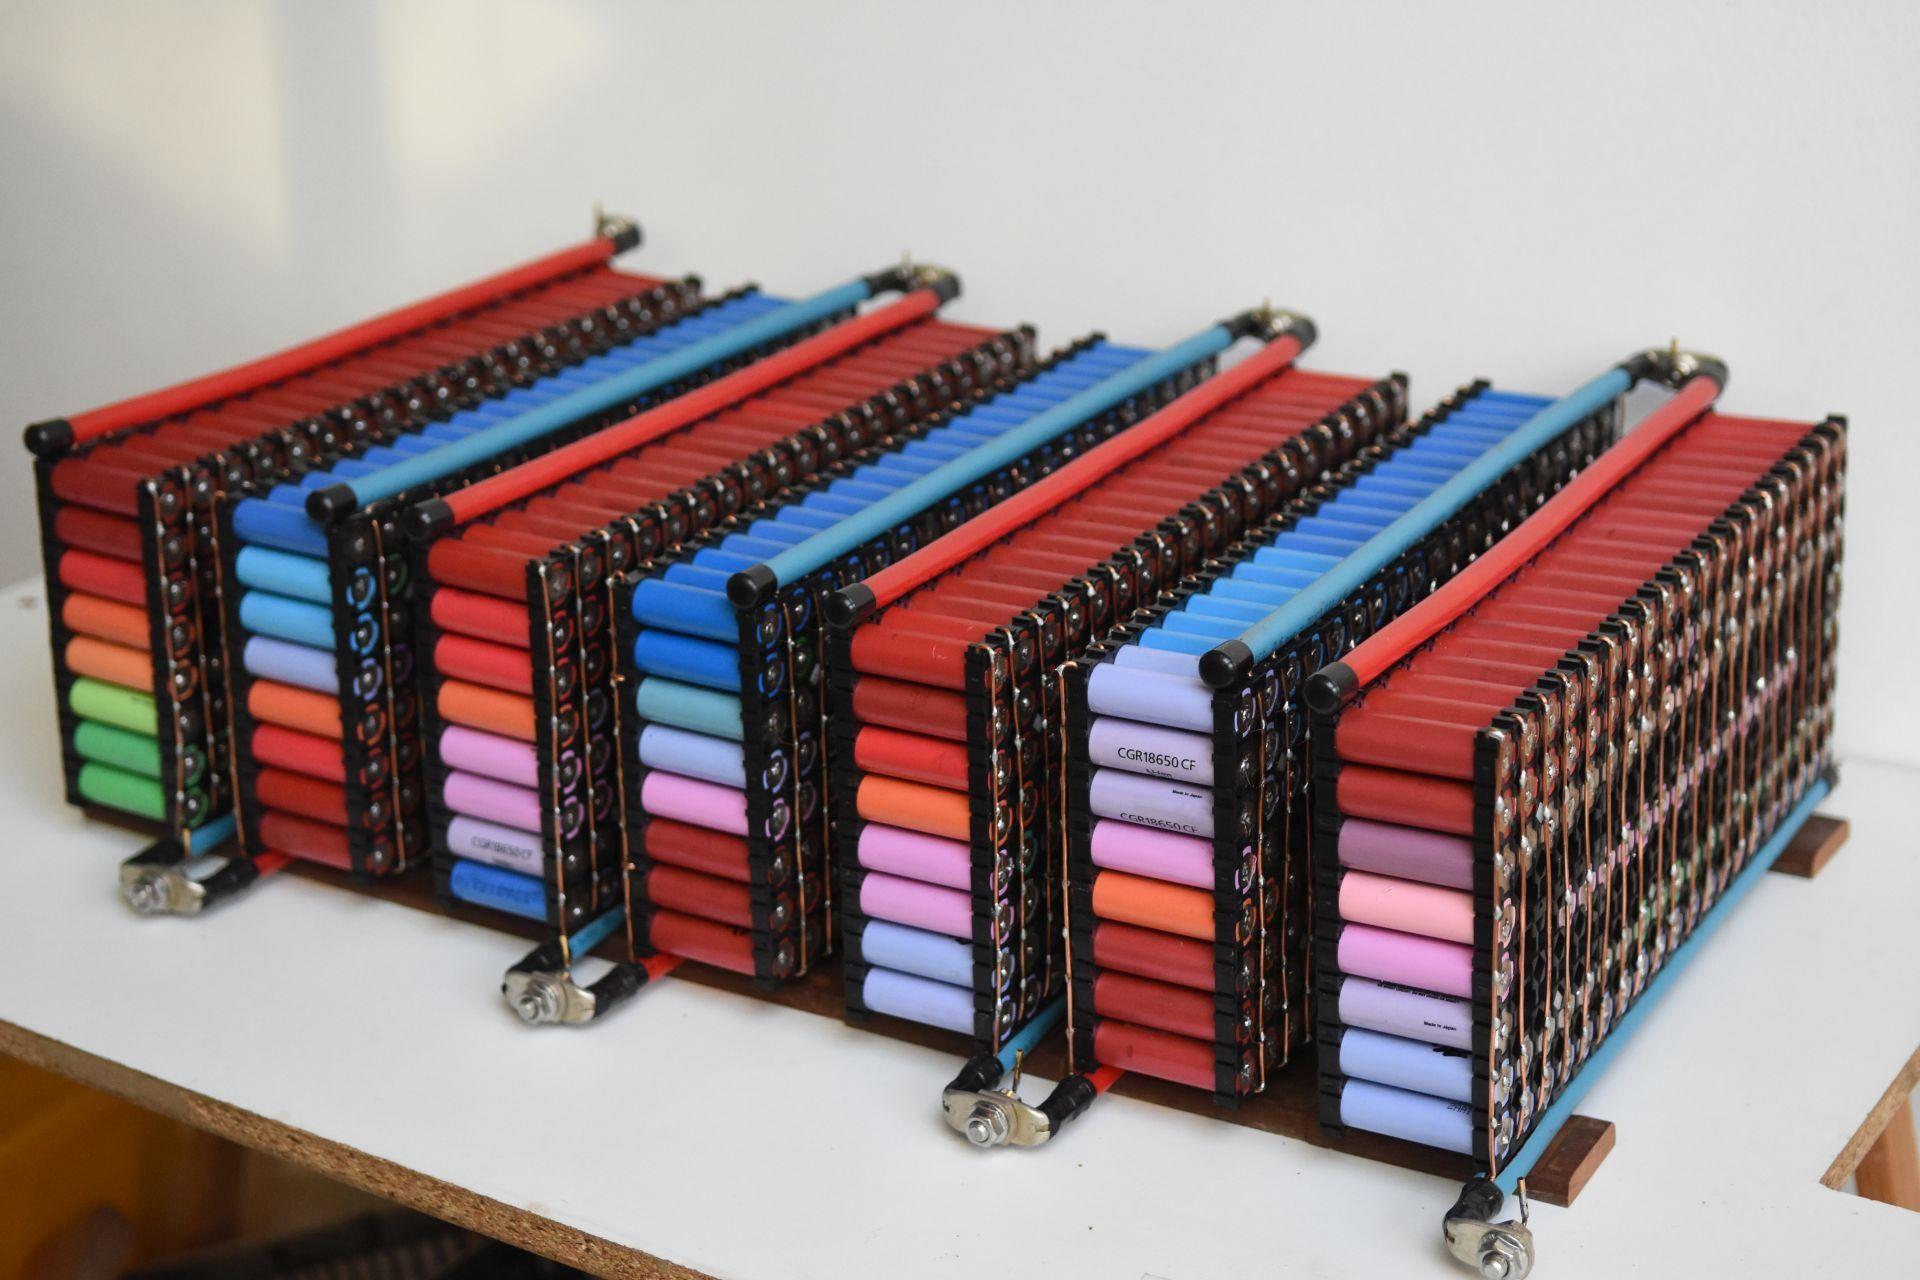 Este es el aspecto que tiene un Powerwall casero, fabricado con baterías 18650